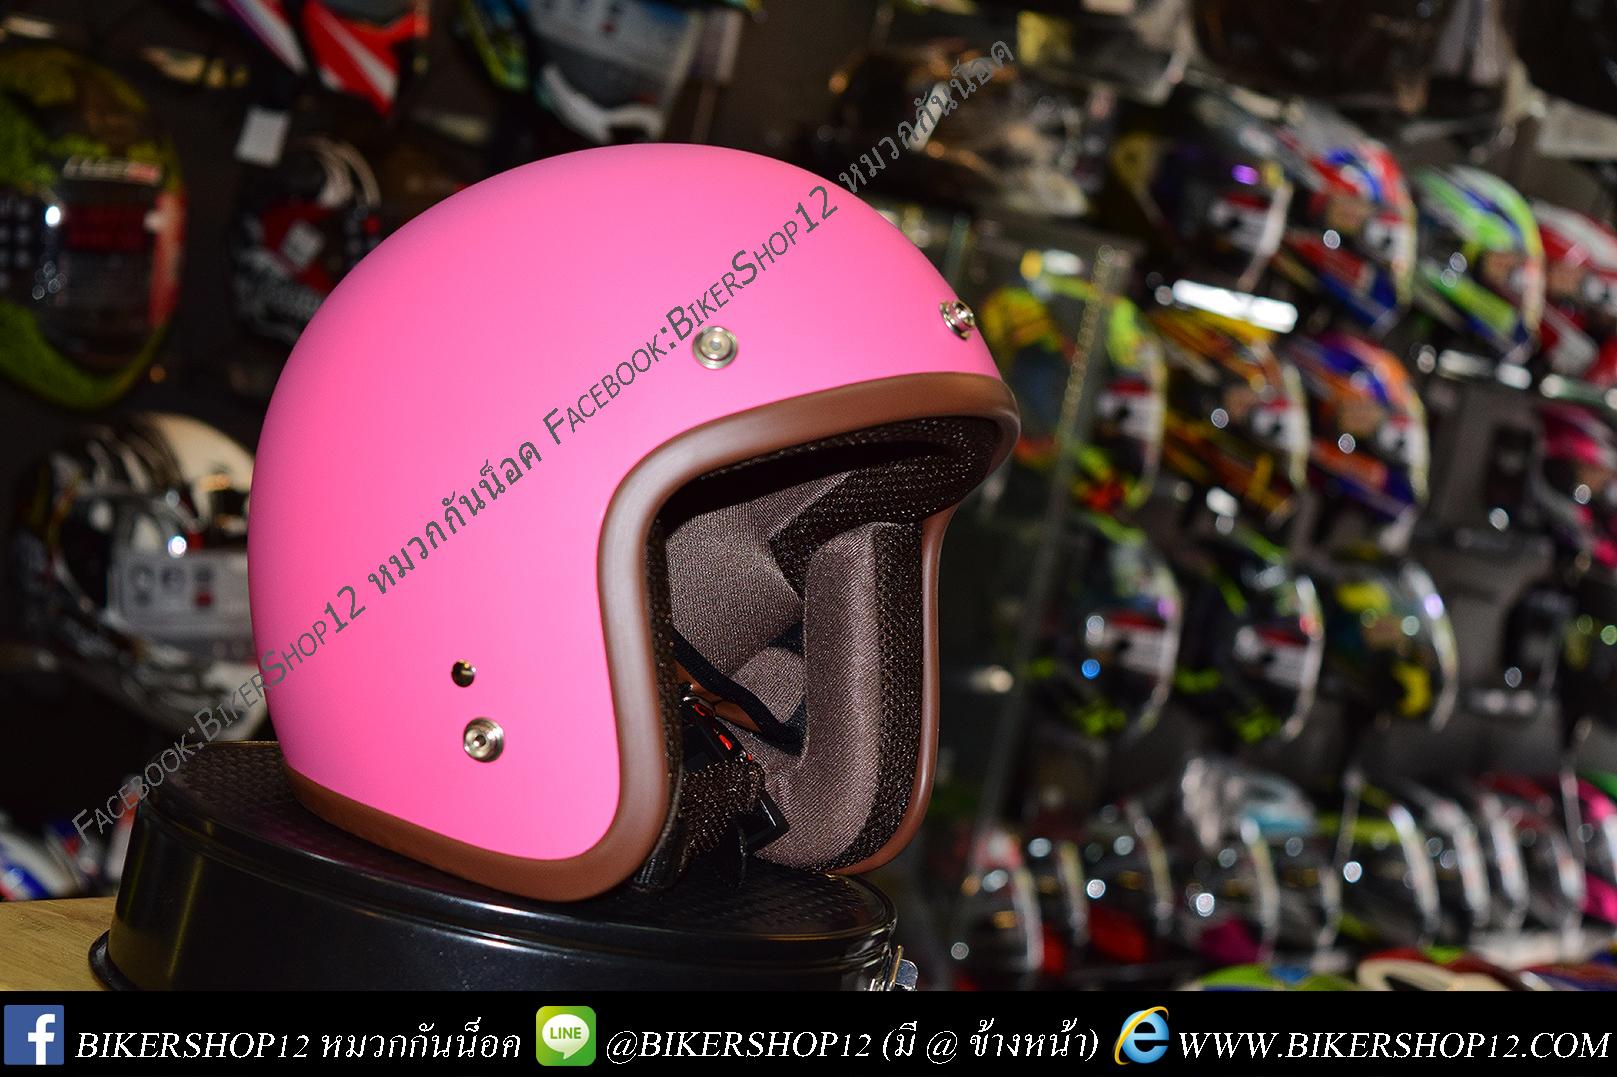 หมวกกันน็อคคลาสสิก 5เป๊กLB+ สีชมพูด้าน